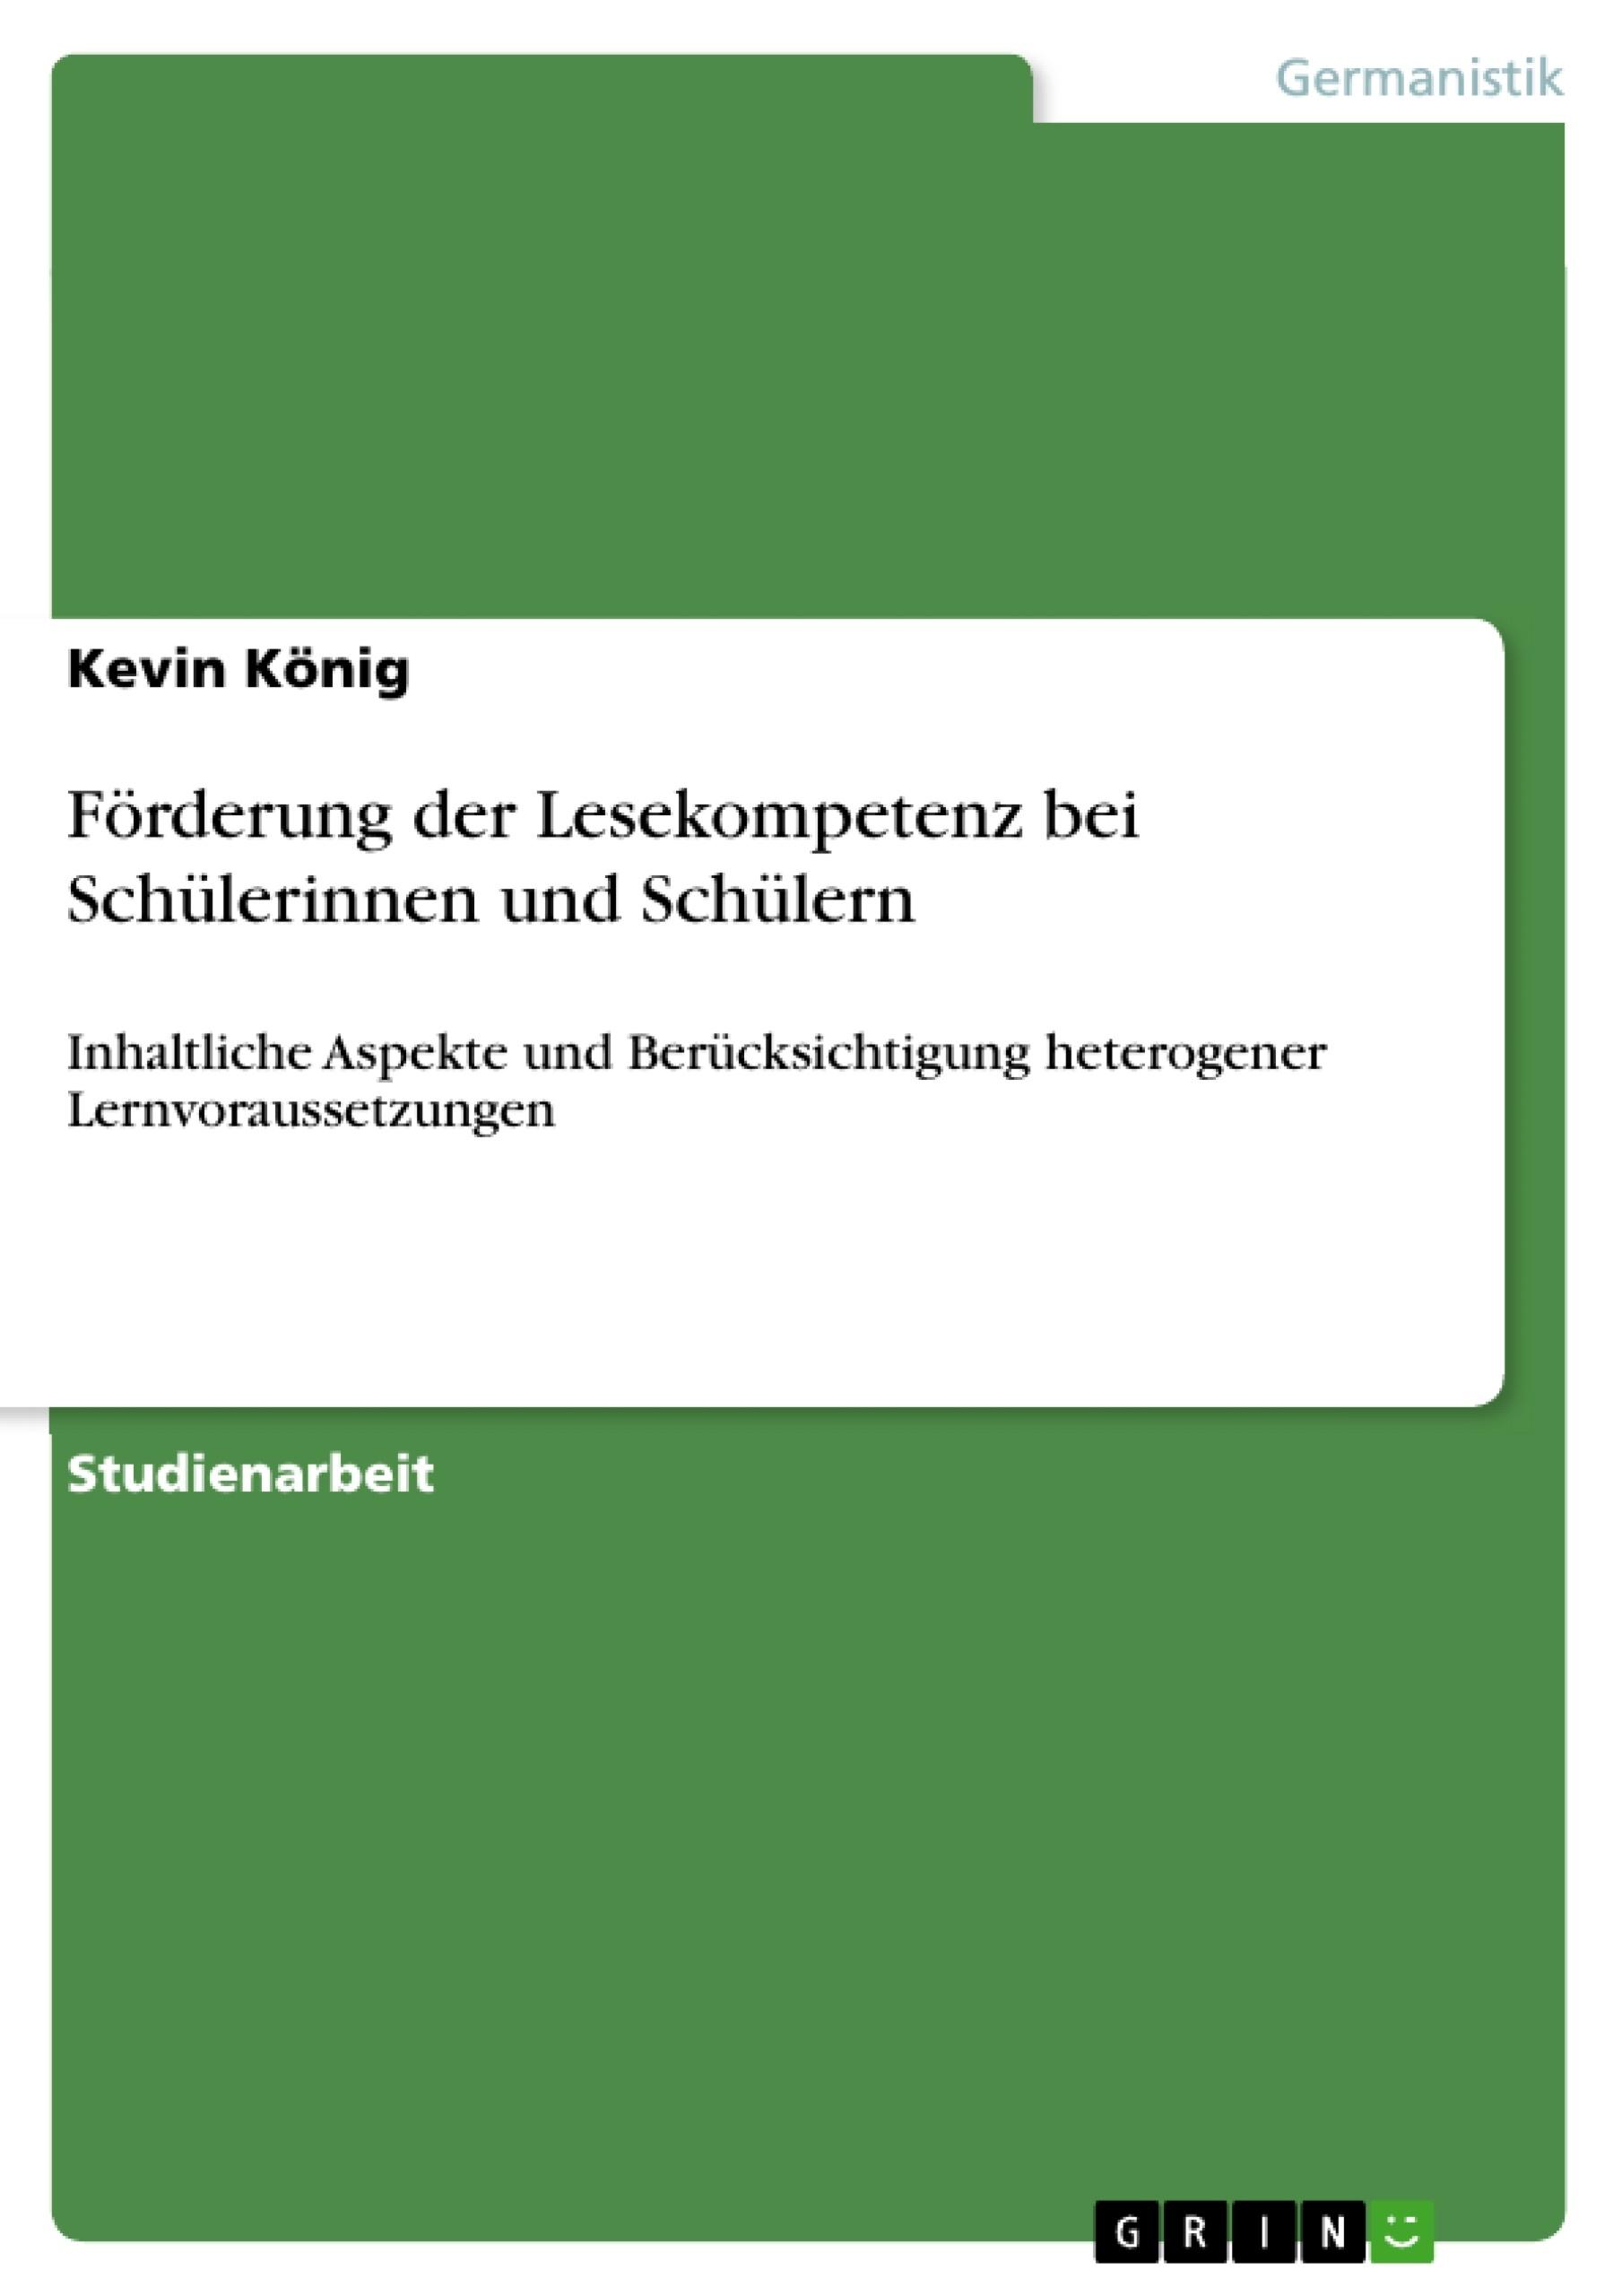 Titel: Förderung der Lesekompetenz bei Schülerinnen und Schülern